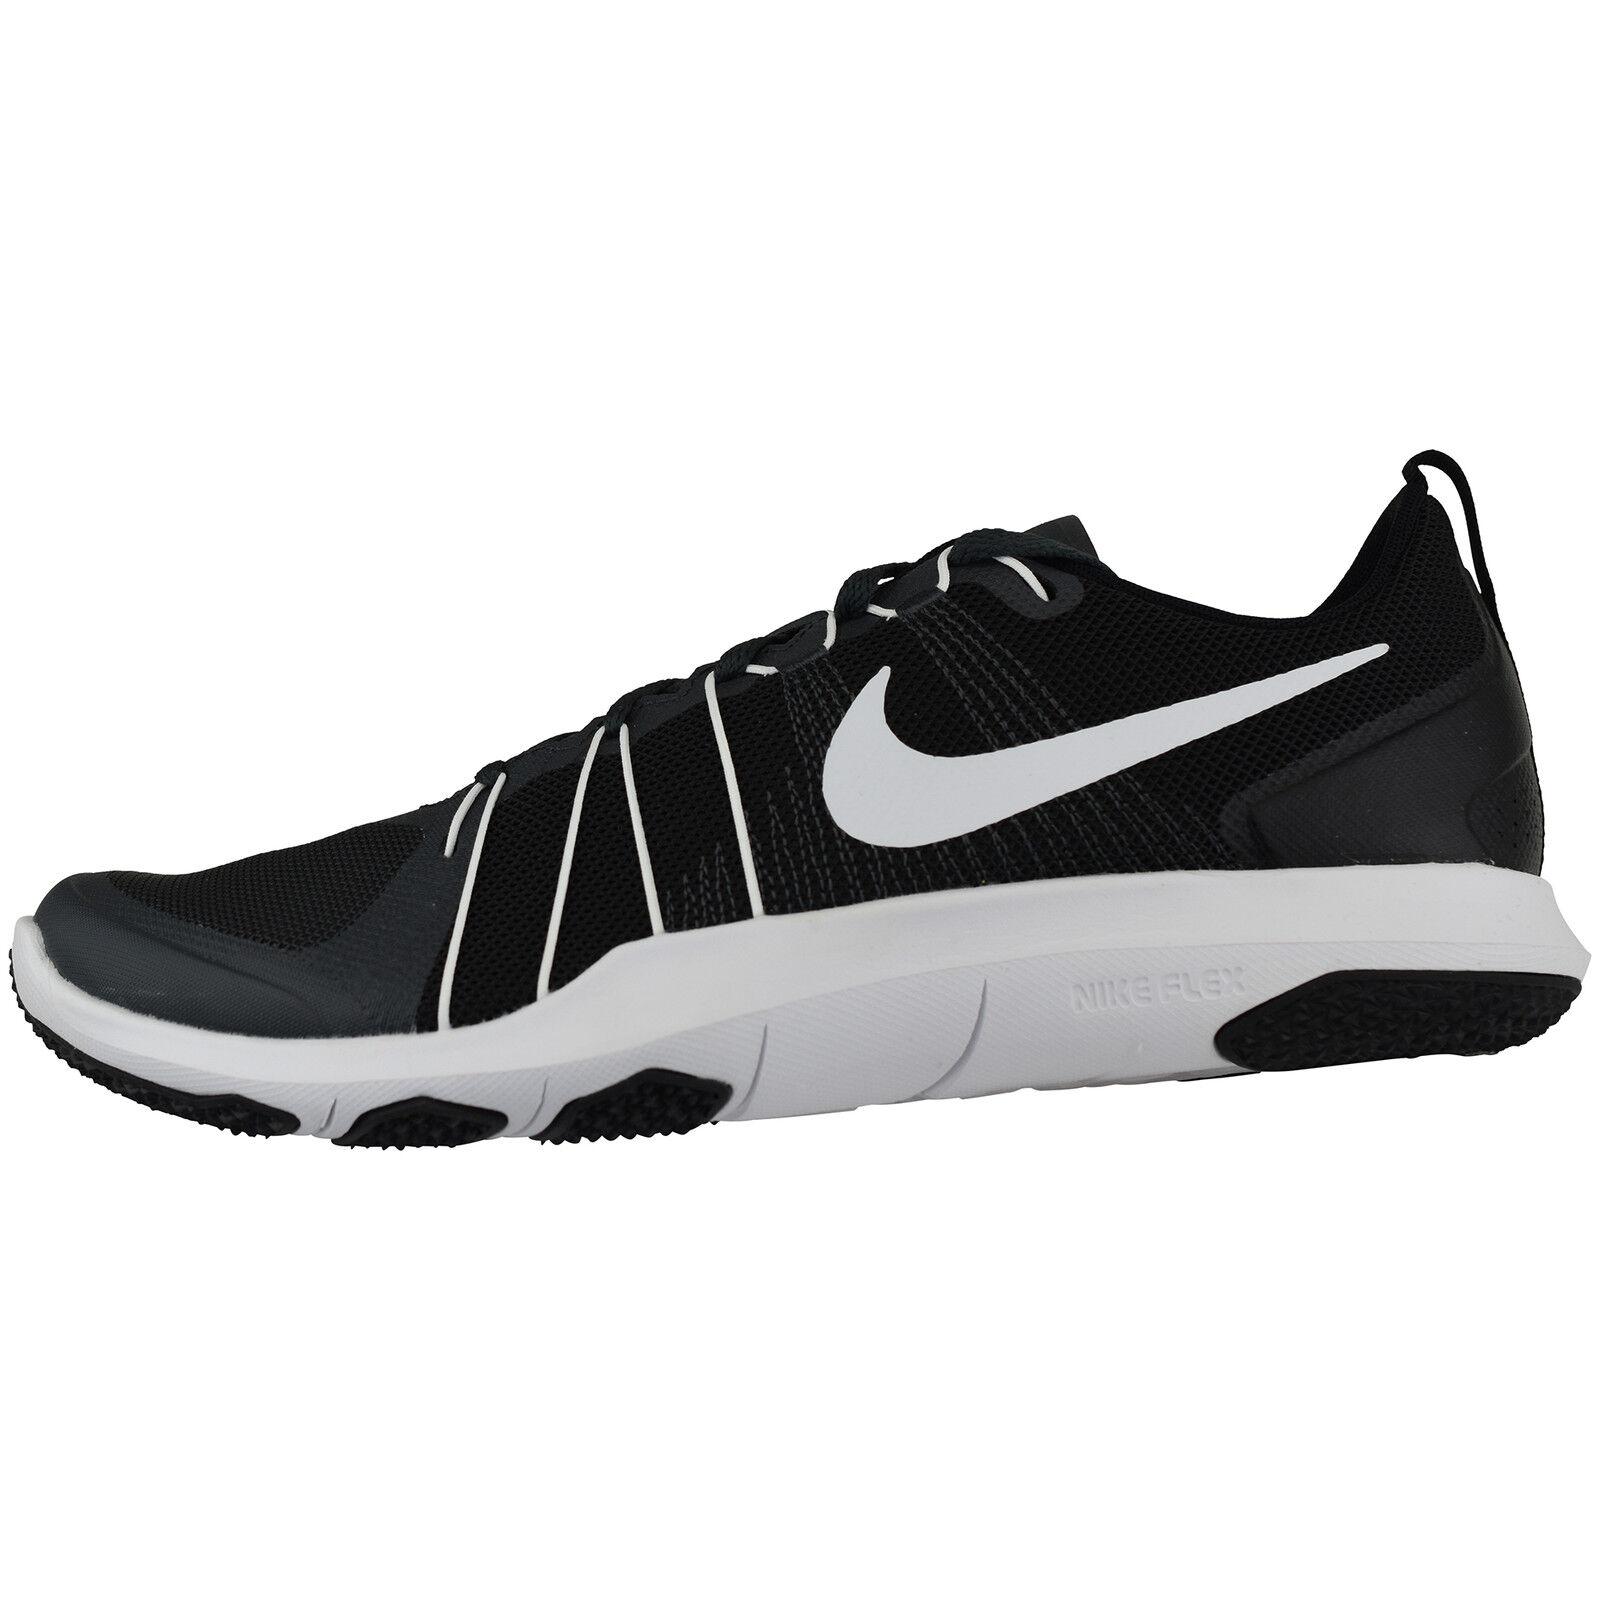 Nike flex treno 831568-001 media vita laufschuhe correndo freizeit scarpa